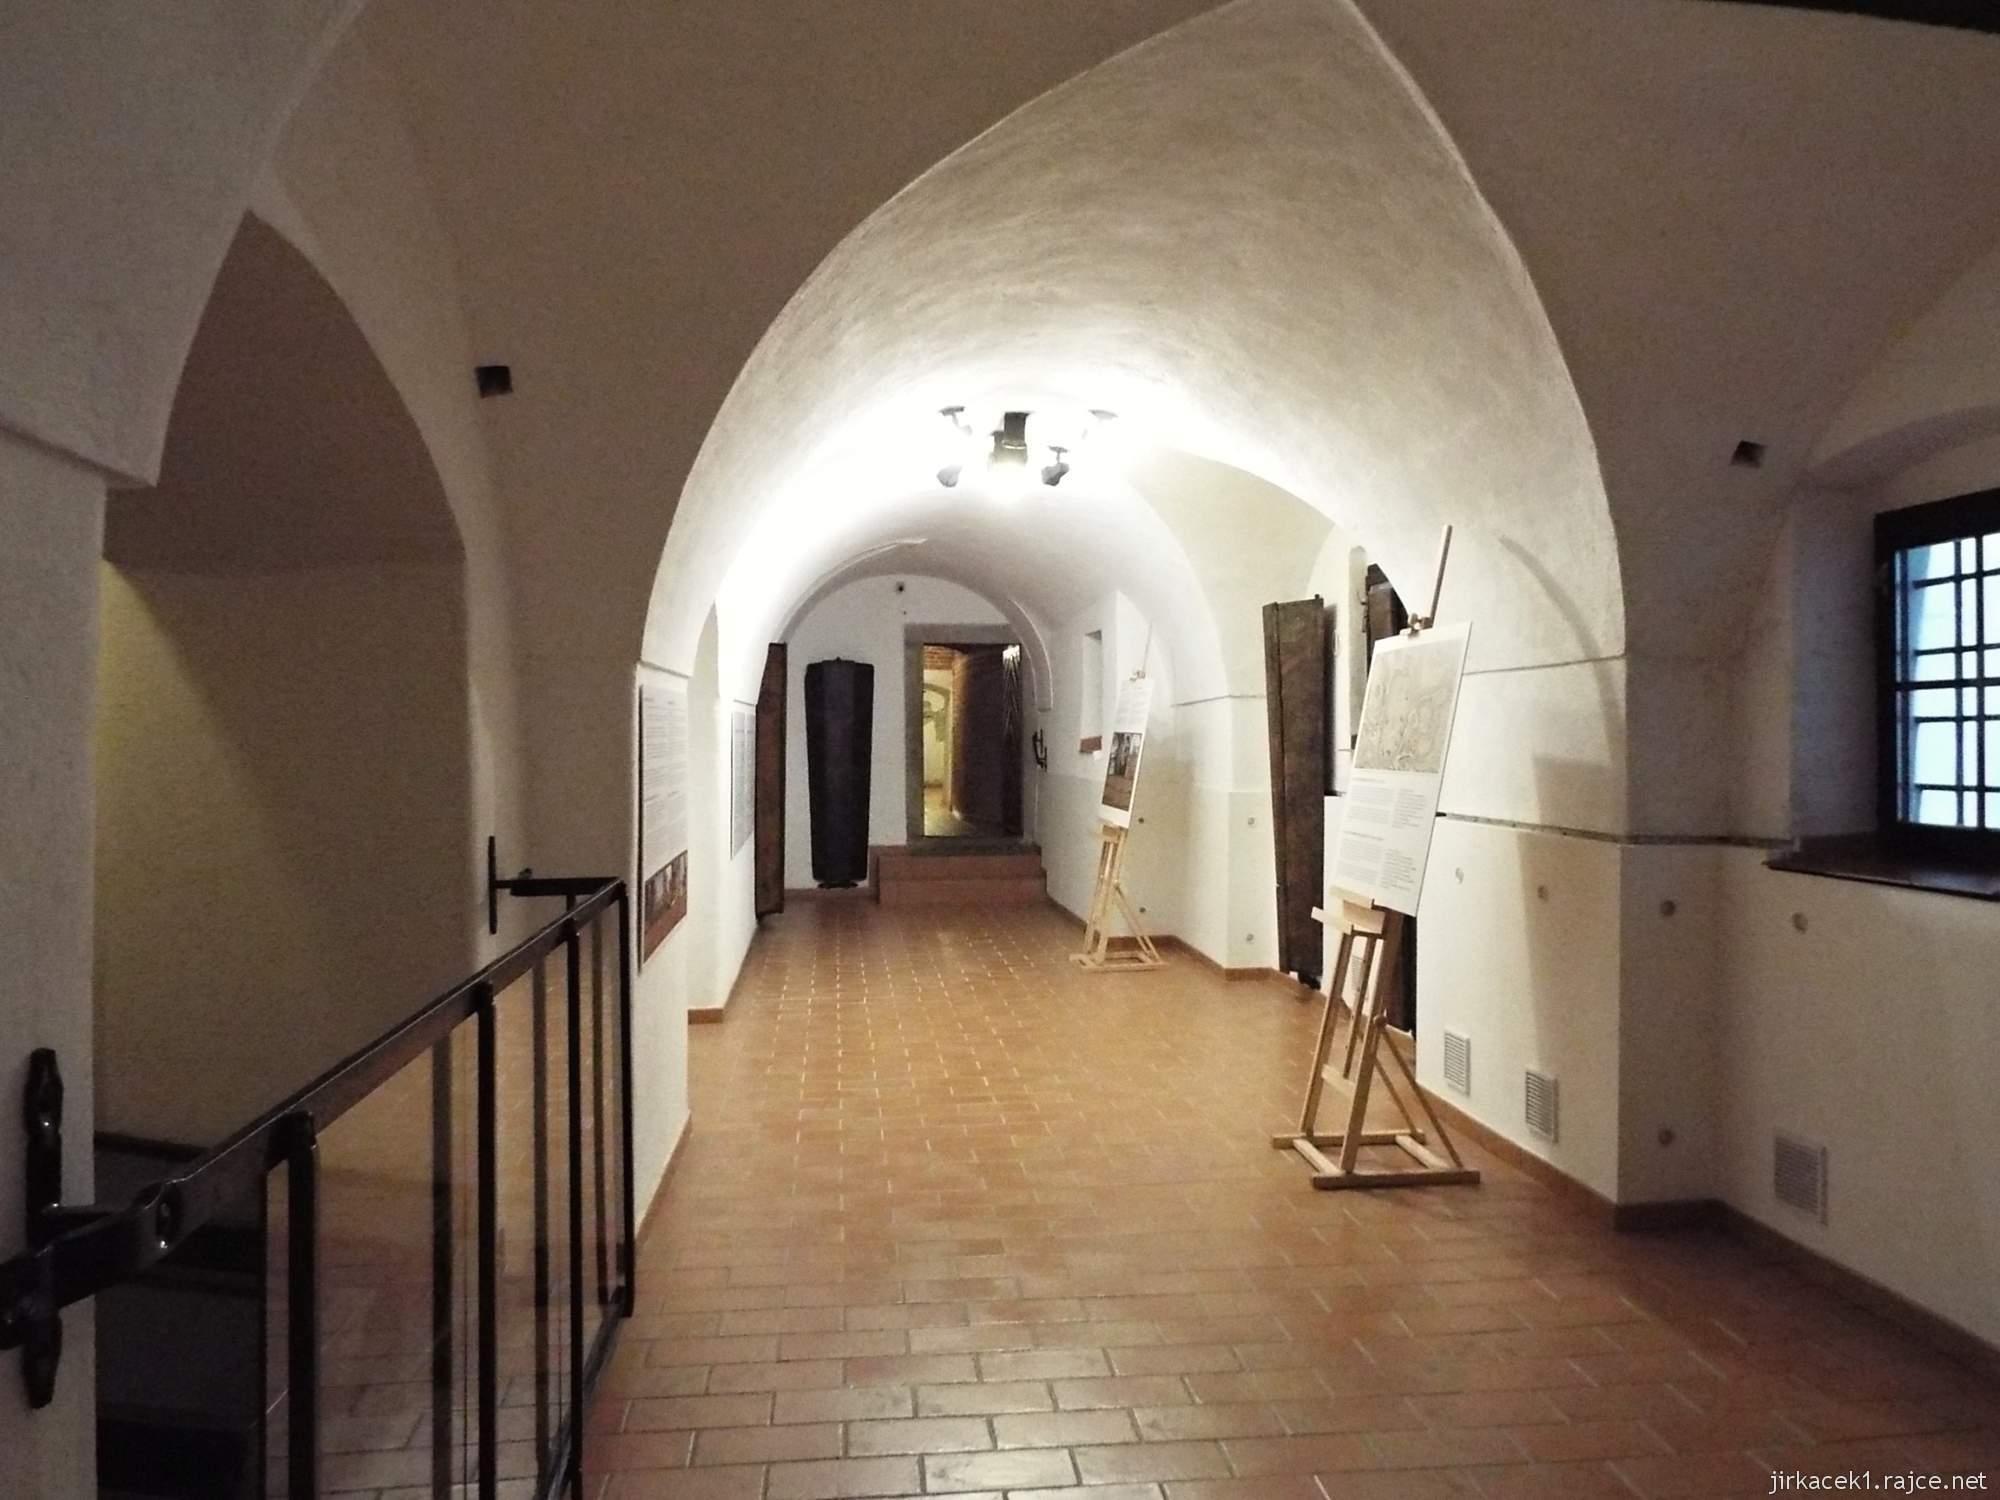 Brno - Kostel Nalezení sv. Kříže a kapucínská hrobka - chodba s výstavou o pohřbívání a mumiemi rodiny Grimmovy